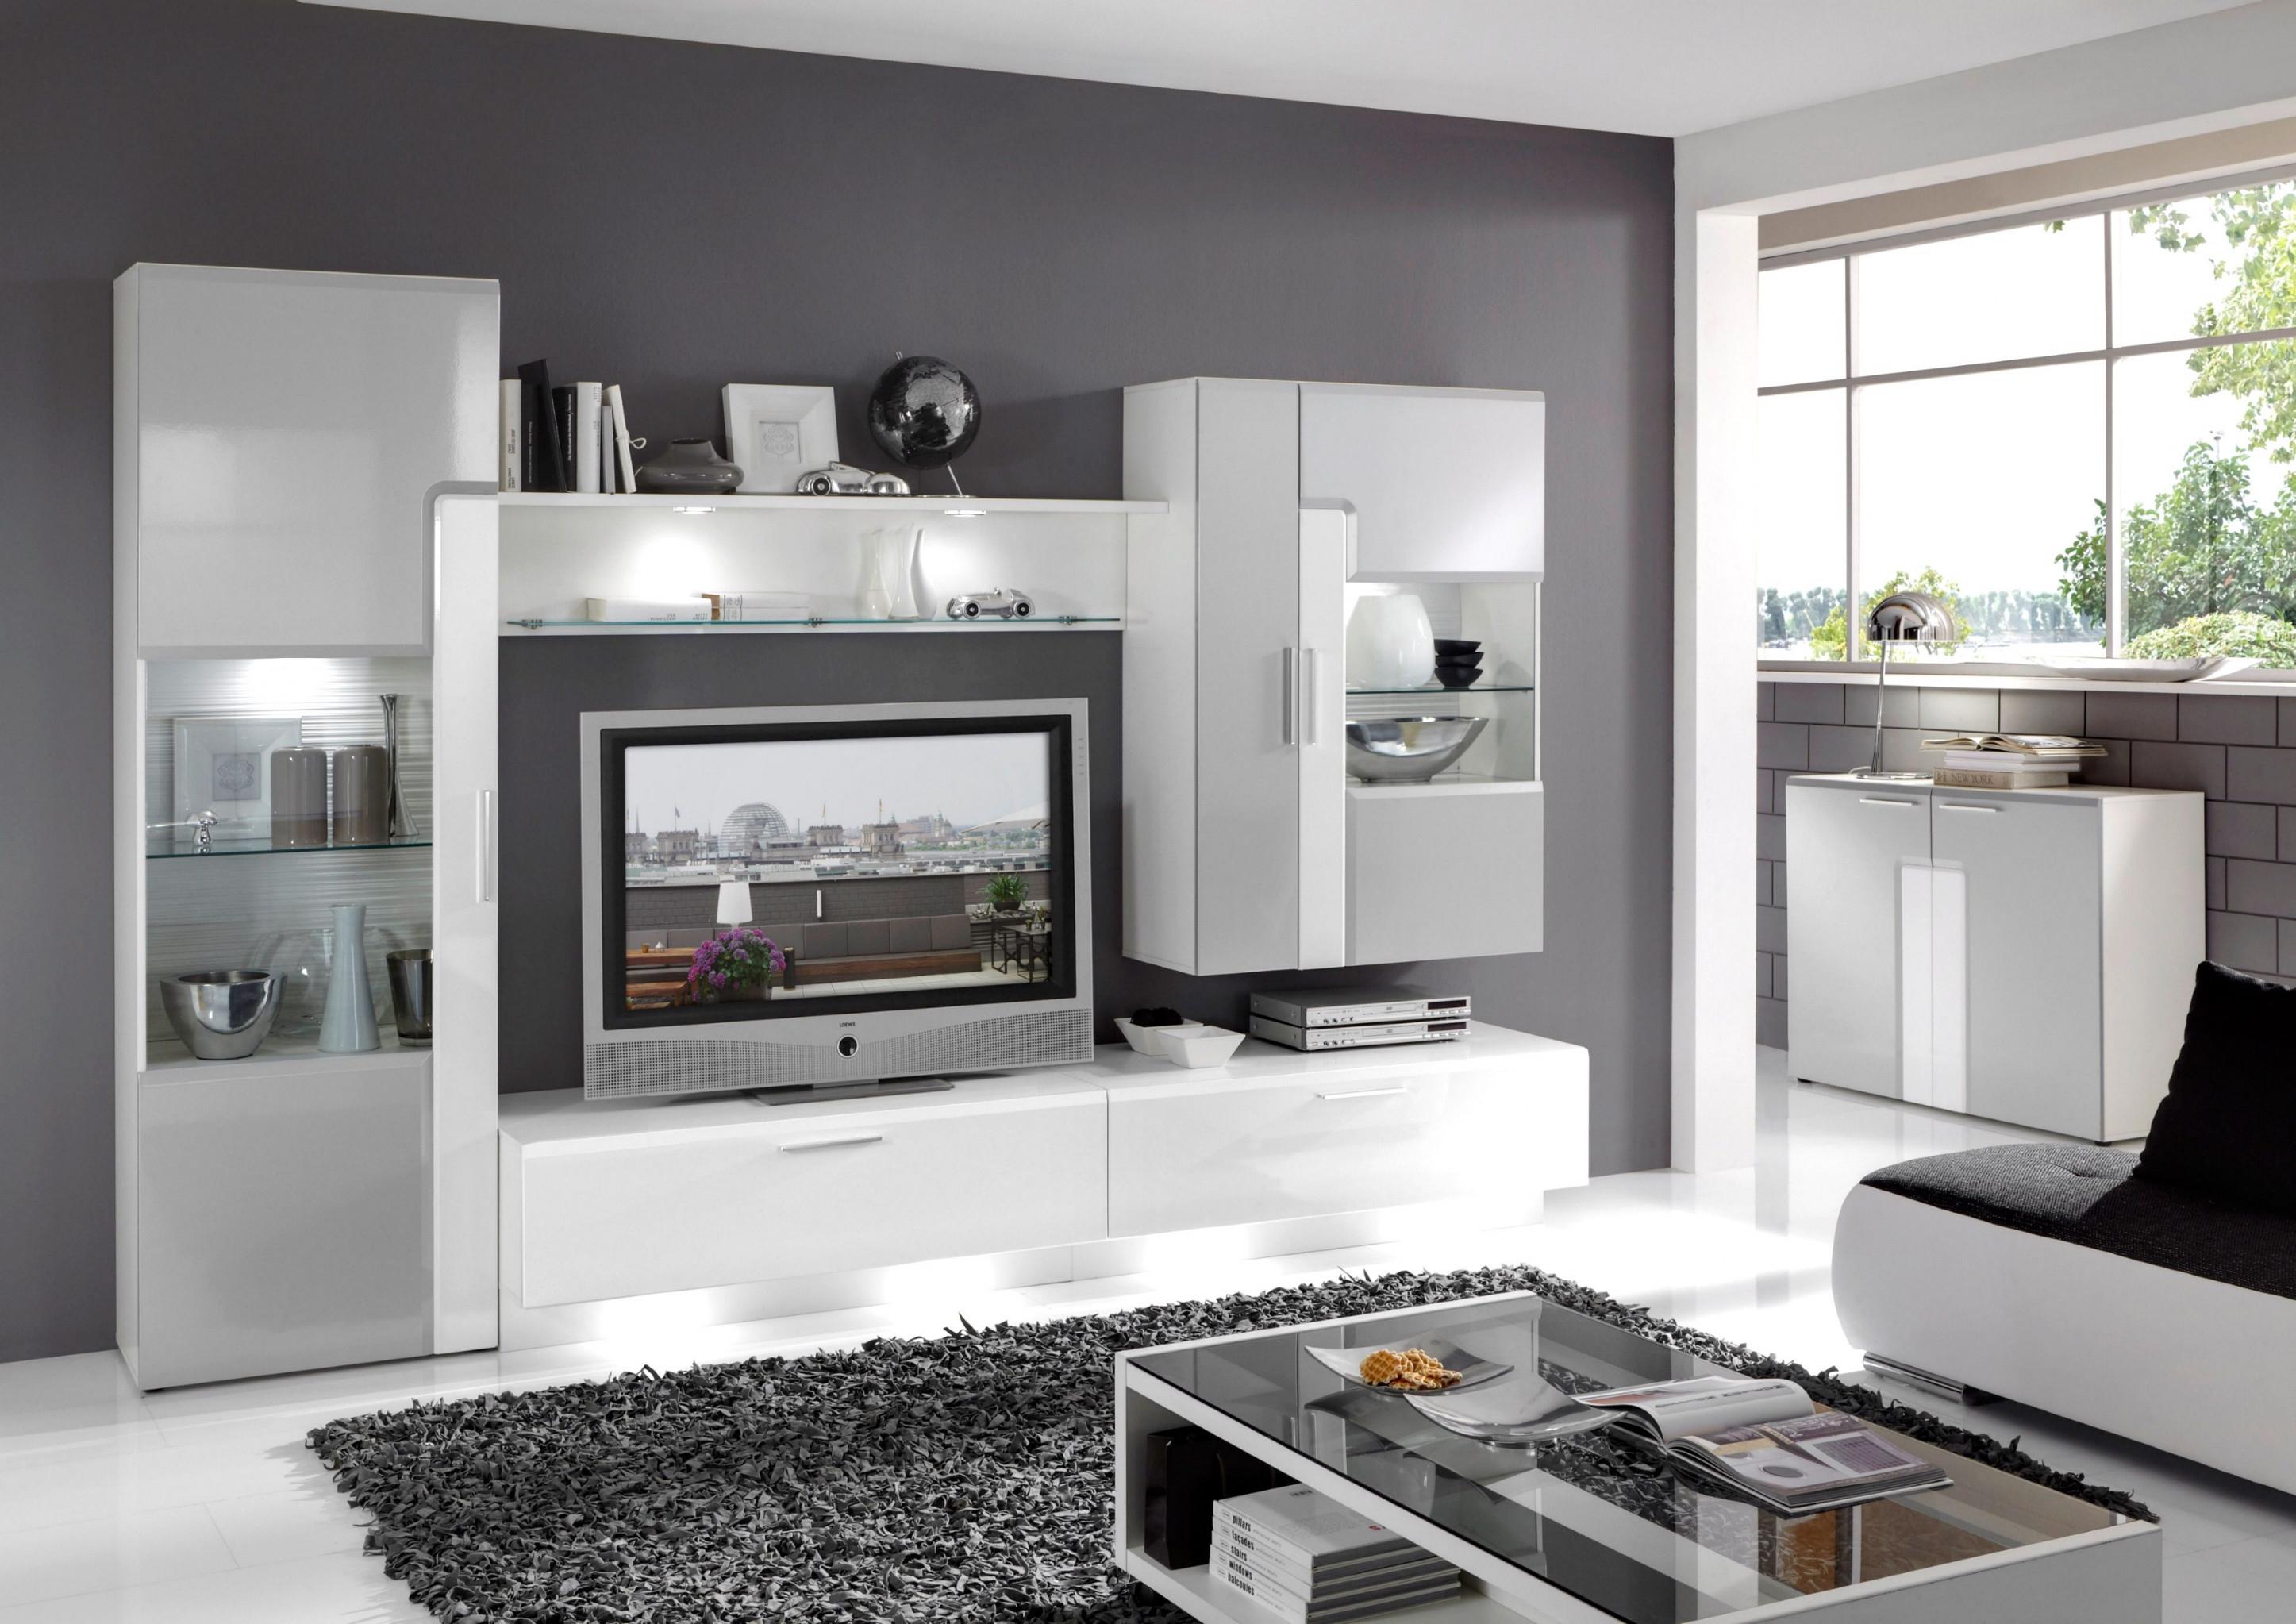 Wohnzimmer Ideen Weiß Grau  Wohnzimmer Weiß Wohnzimmer von Wohnzimmer Ideen Grau Weiß Photo